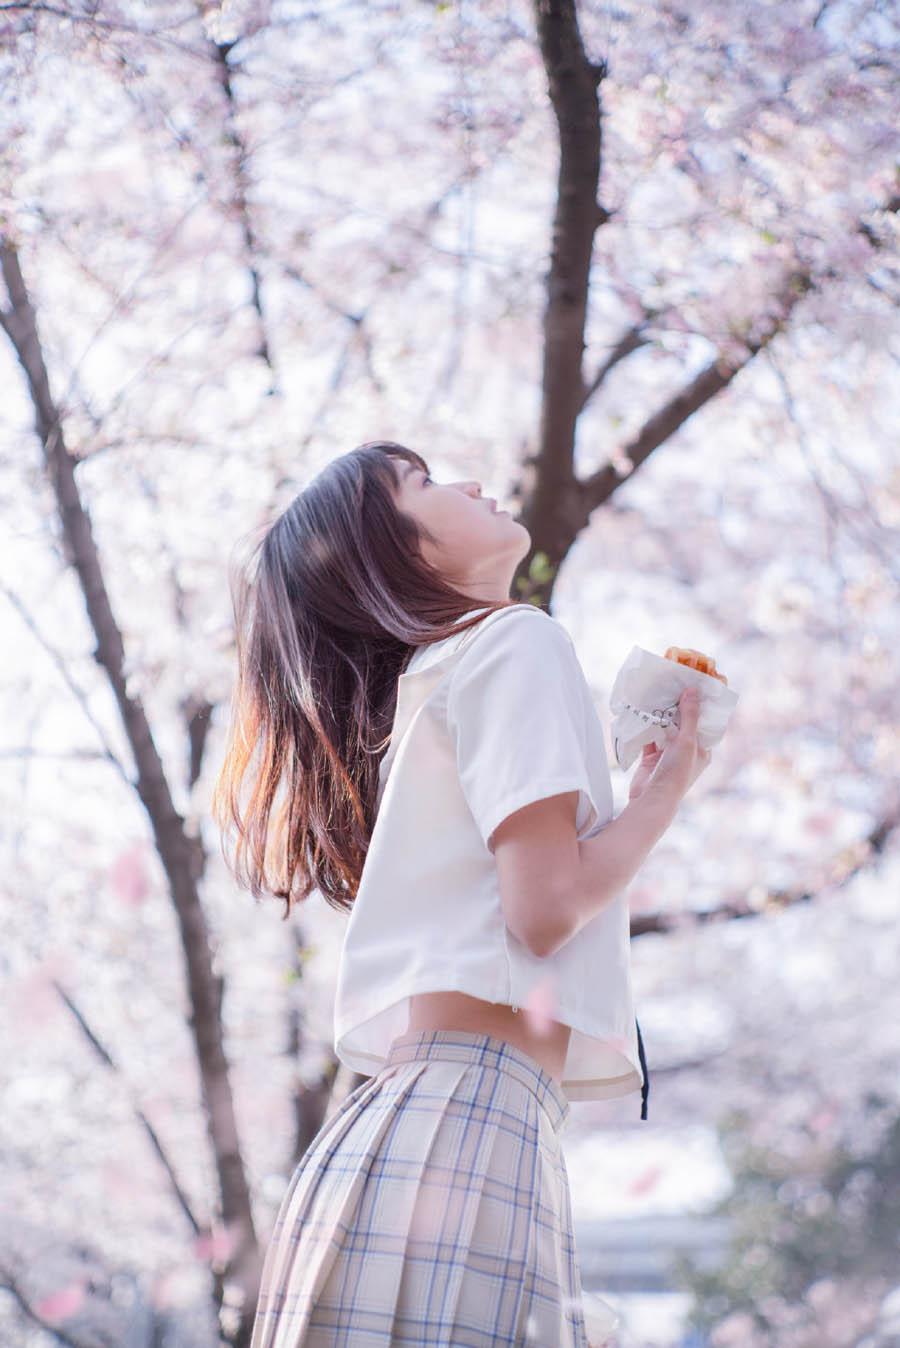 樱花调色:用PS调出樱花人像清新甜美效果,PS教程,思缘教程网